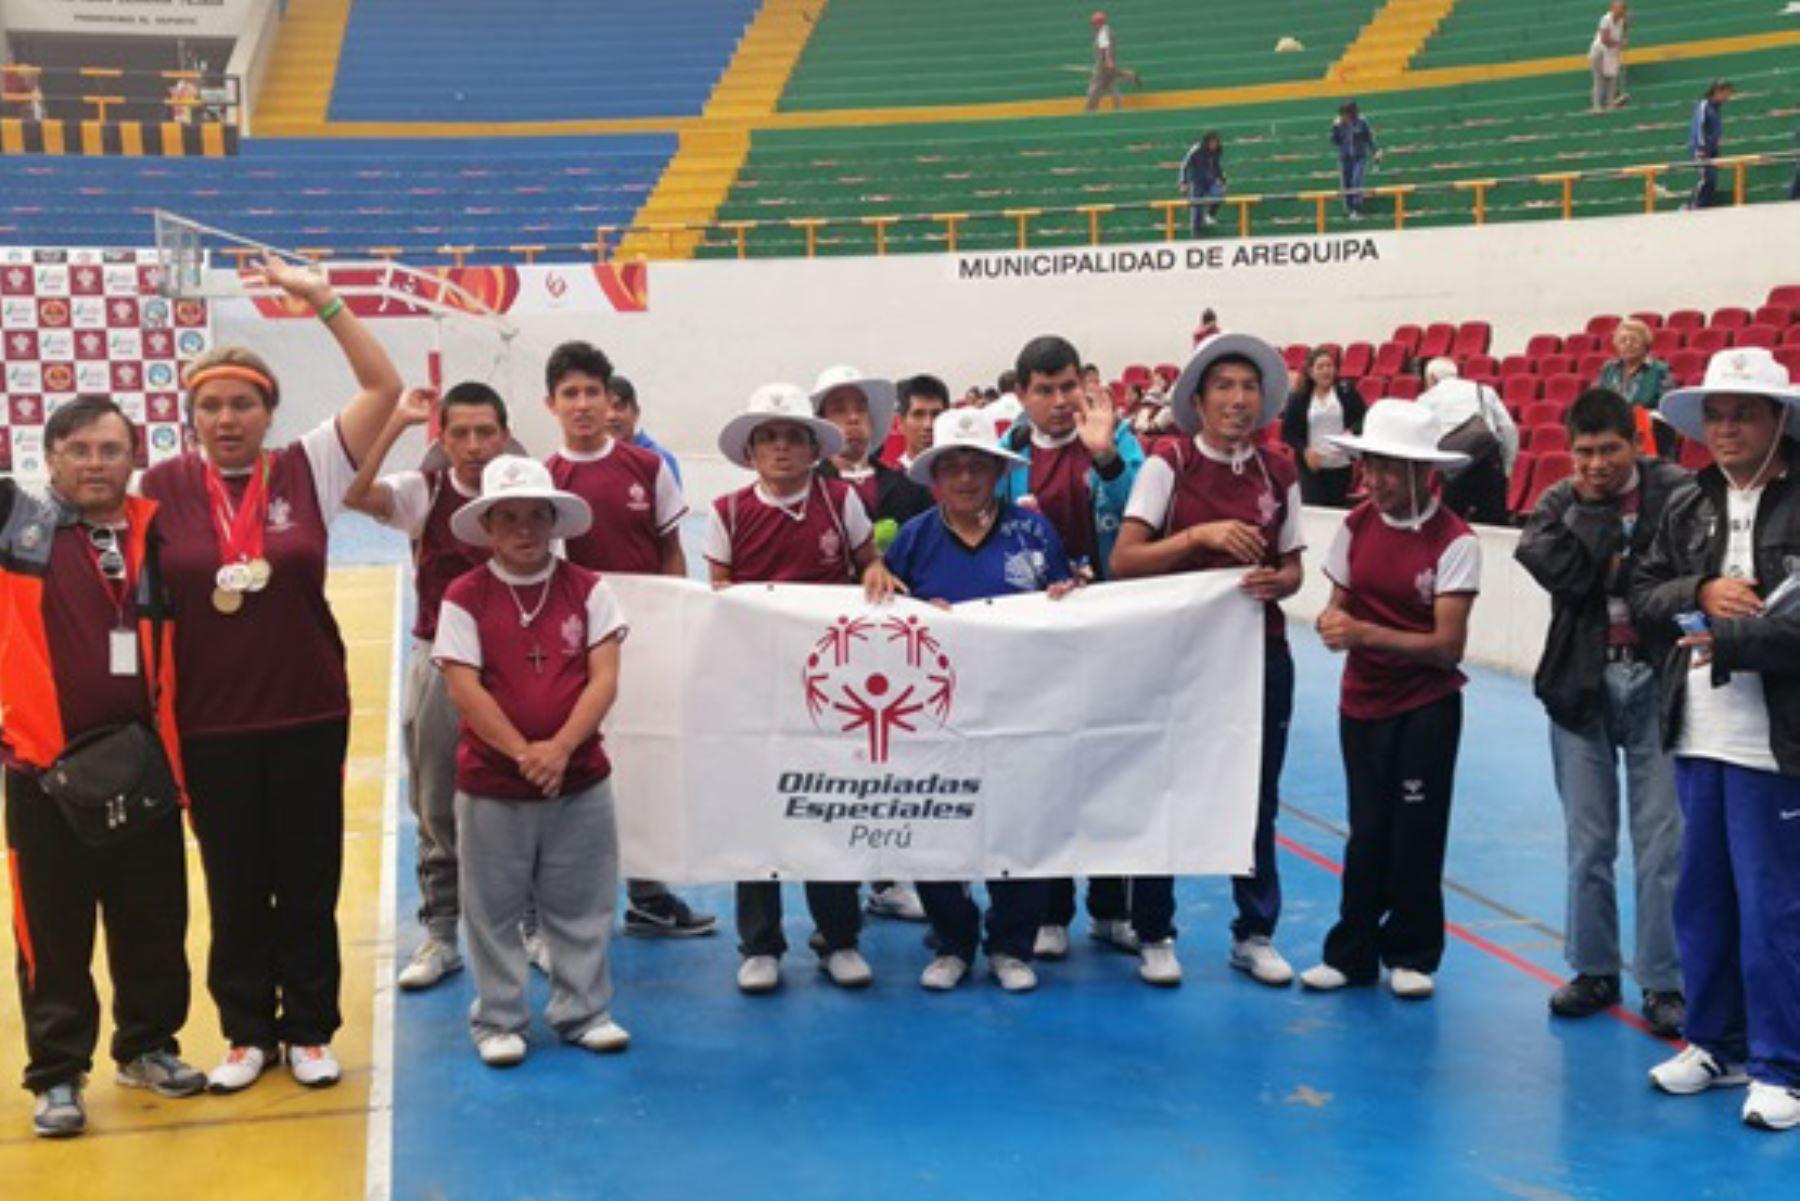 Residentes del CAR Sagrada Familia de Arequipa participan con éxito en el Campeonato de Atletismo 2019 para personas con discapacidad.